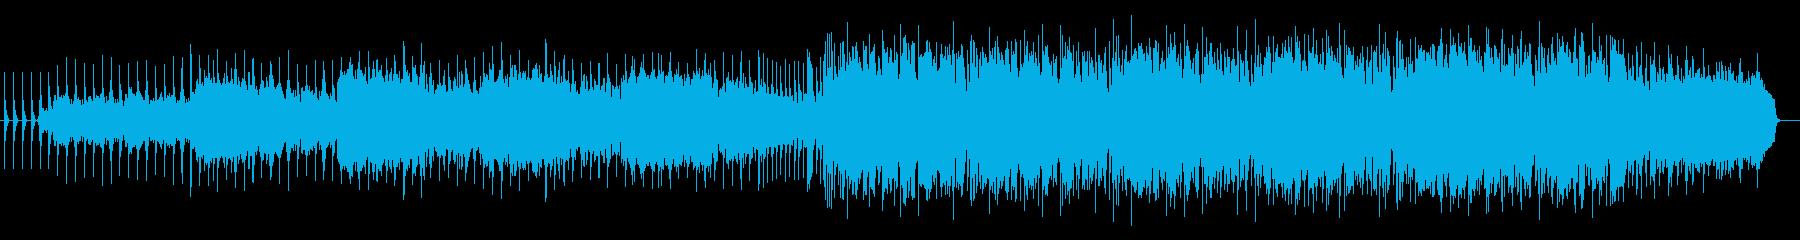 ミステリアスな雰囲気で引き込まれる曲の再生済みの波形